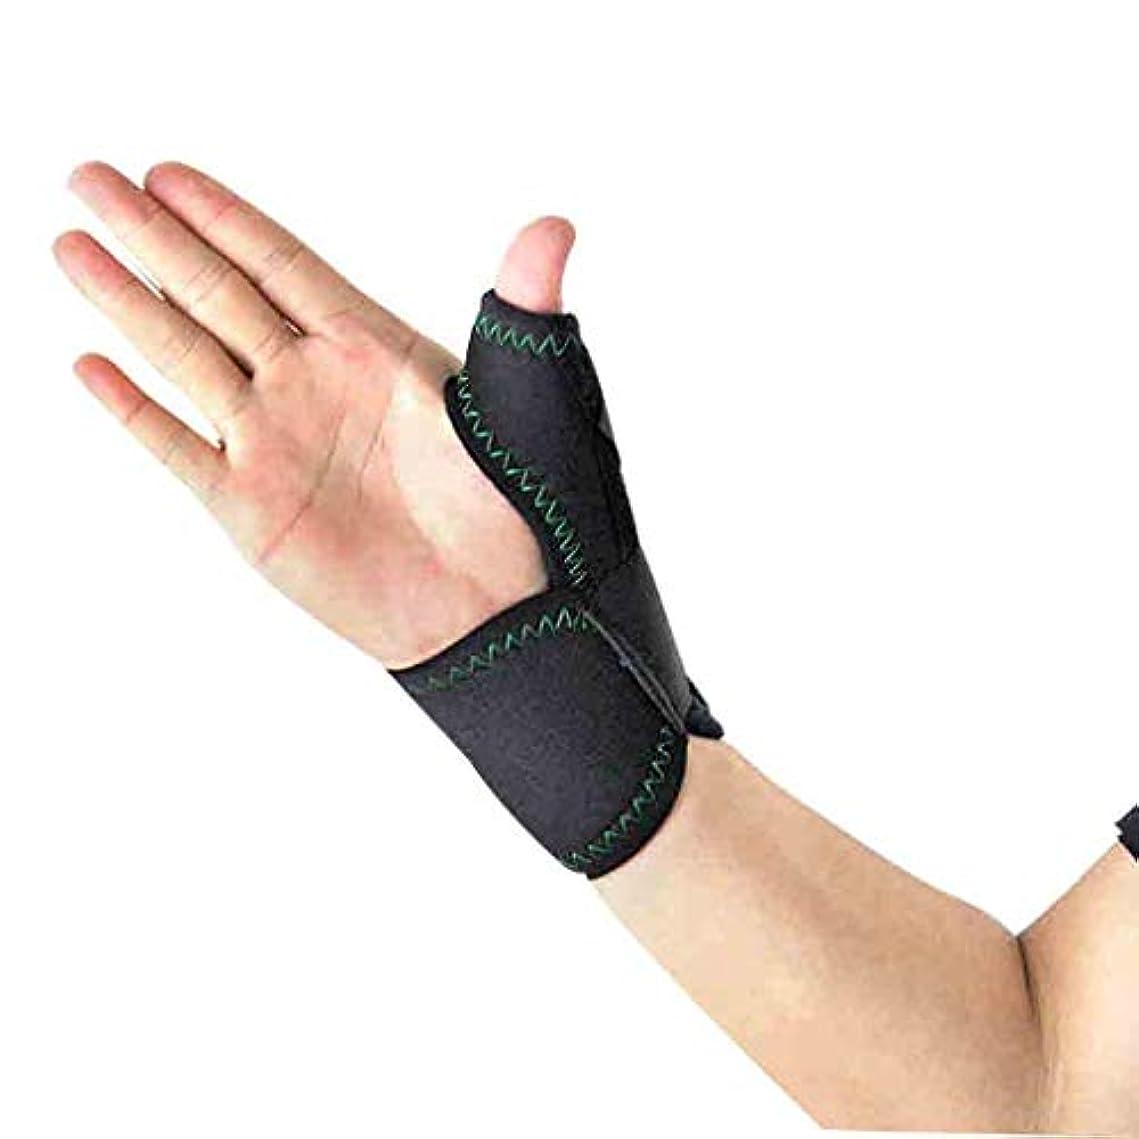 退却征服者エレベーターThumbブレースは、手首のストラップでトリガーThumbガードのThumbのスプリントをラップします。ブレースThumbのスプリント、Thumbの関節炎の痛みを軽減するブレース(1個、ユニセックス、左&右手、M) Roscloud@